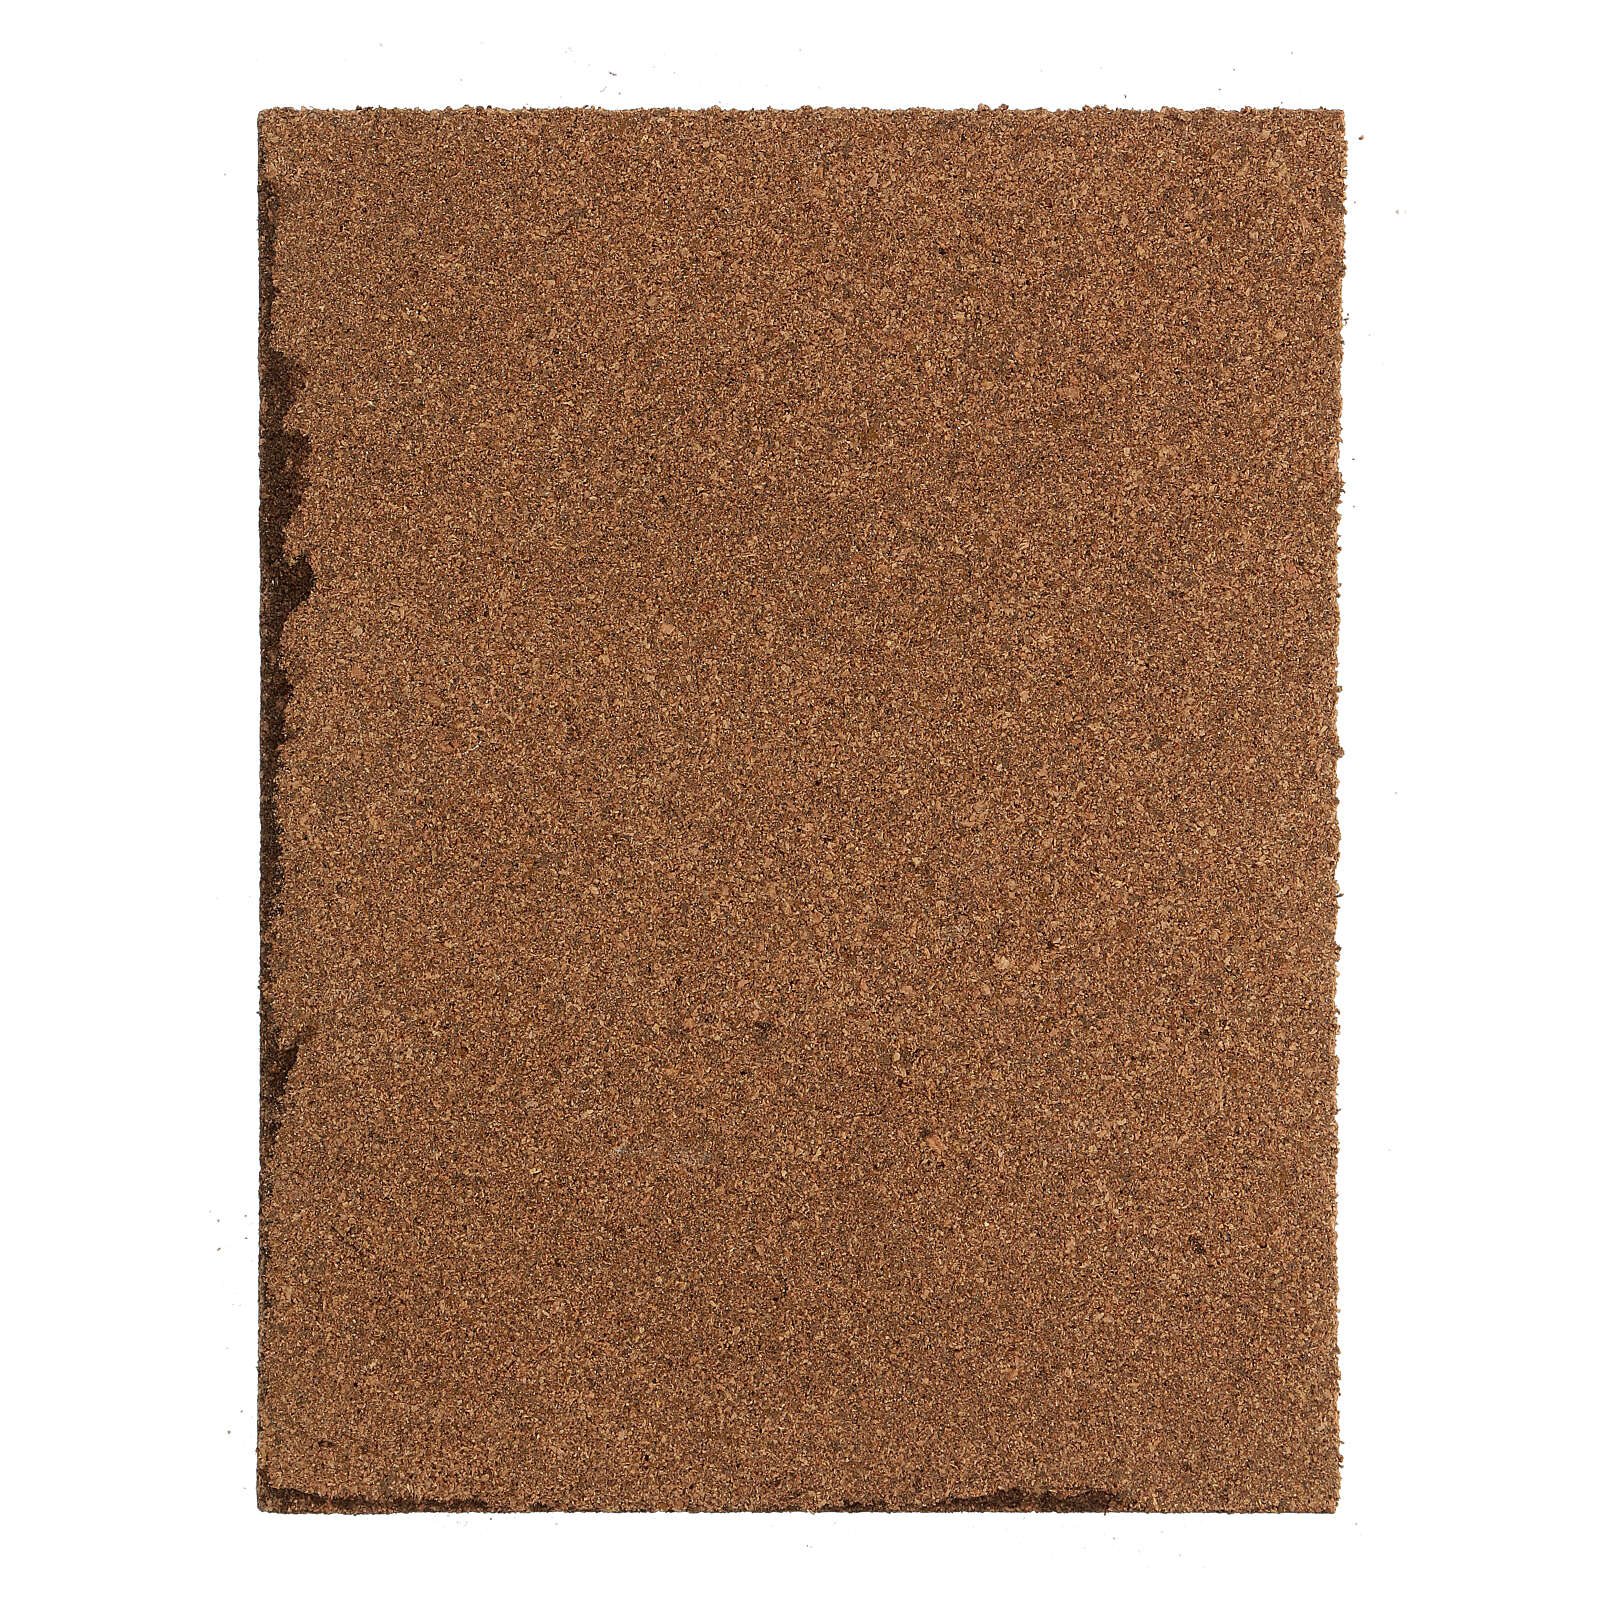 Pavimento sanpietrini grigi pannello sughero presepe 35x25x1 cm 4